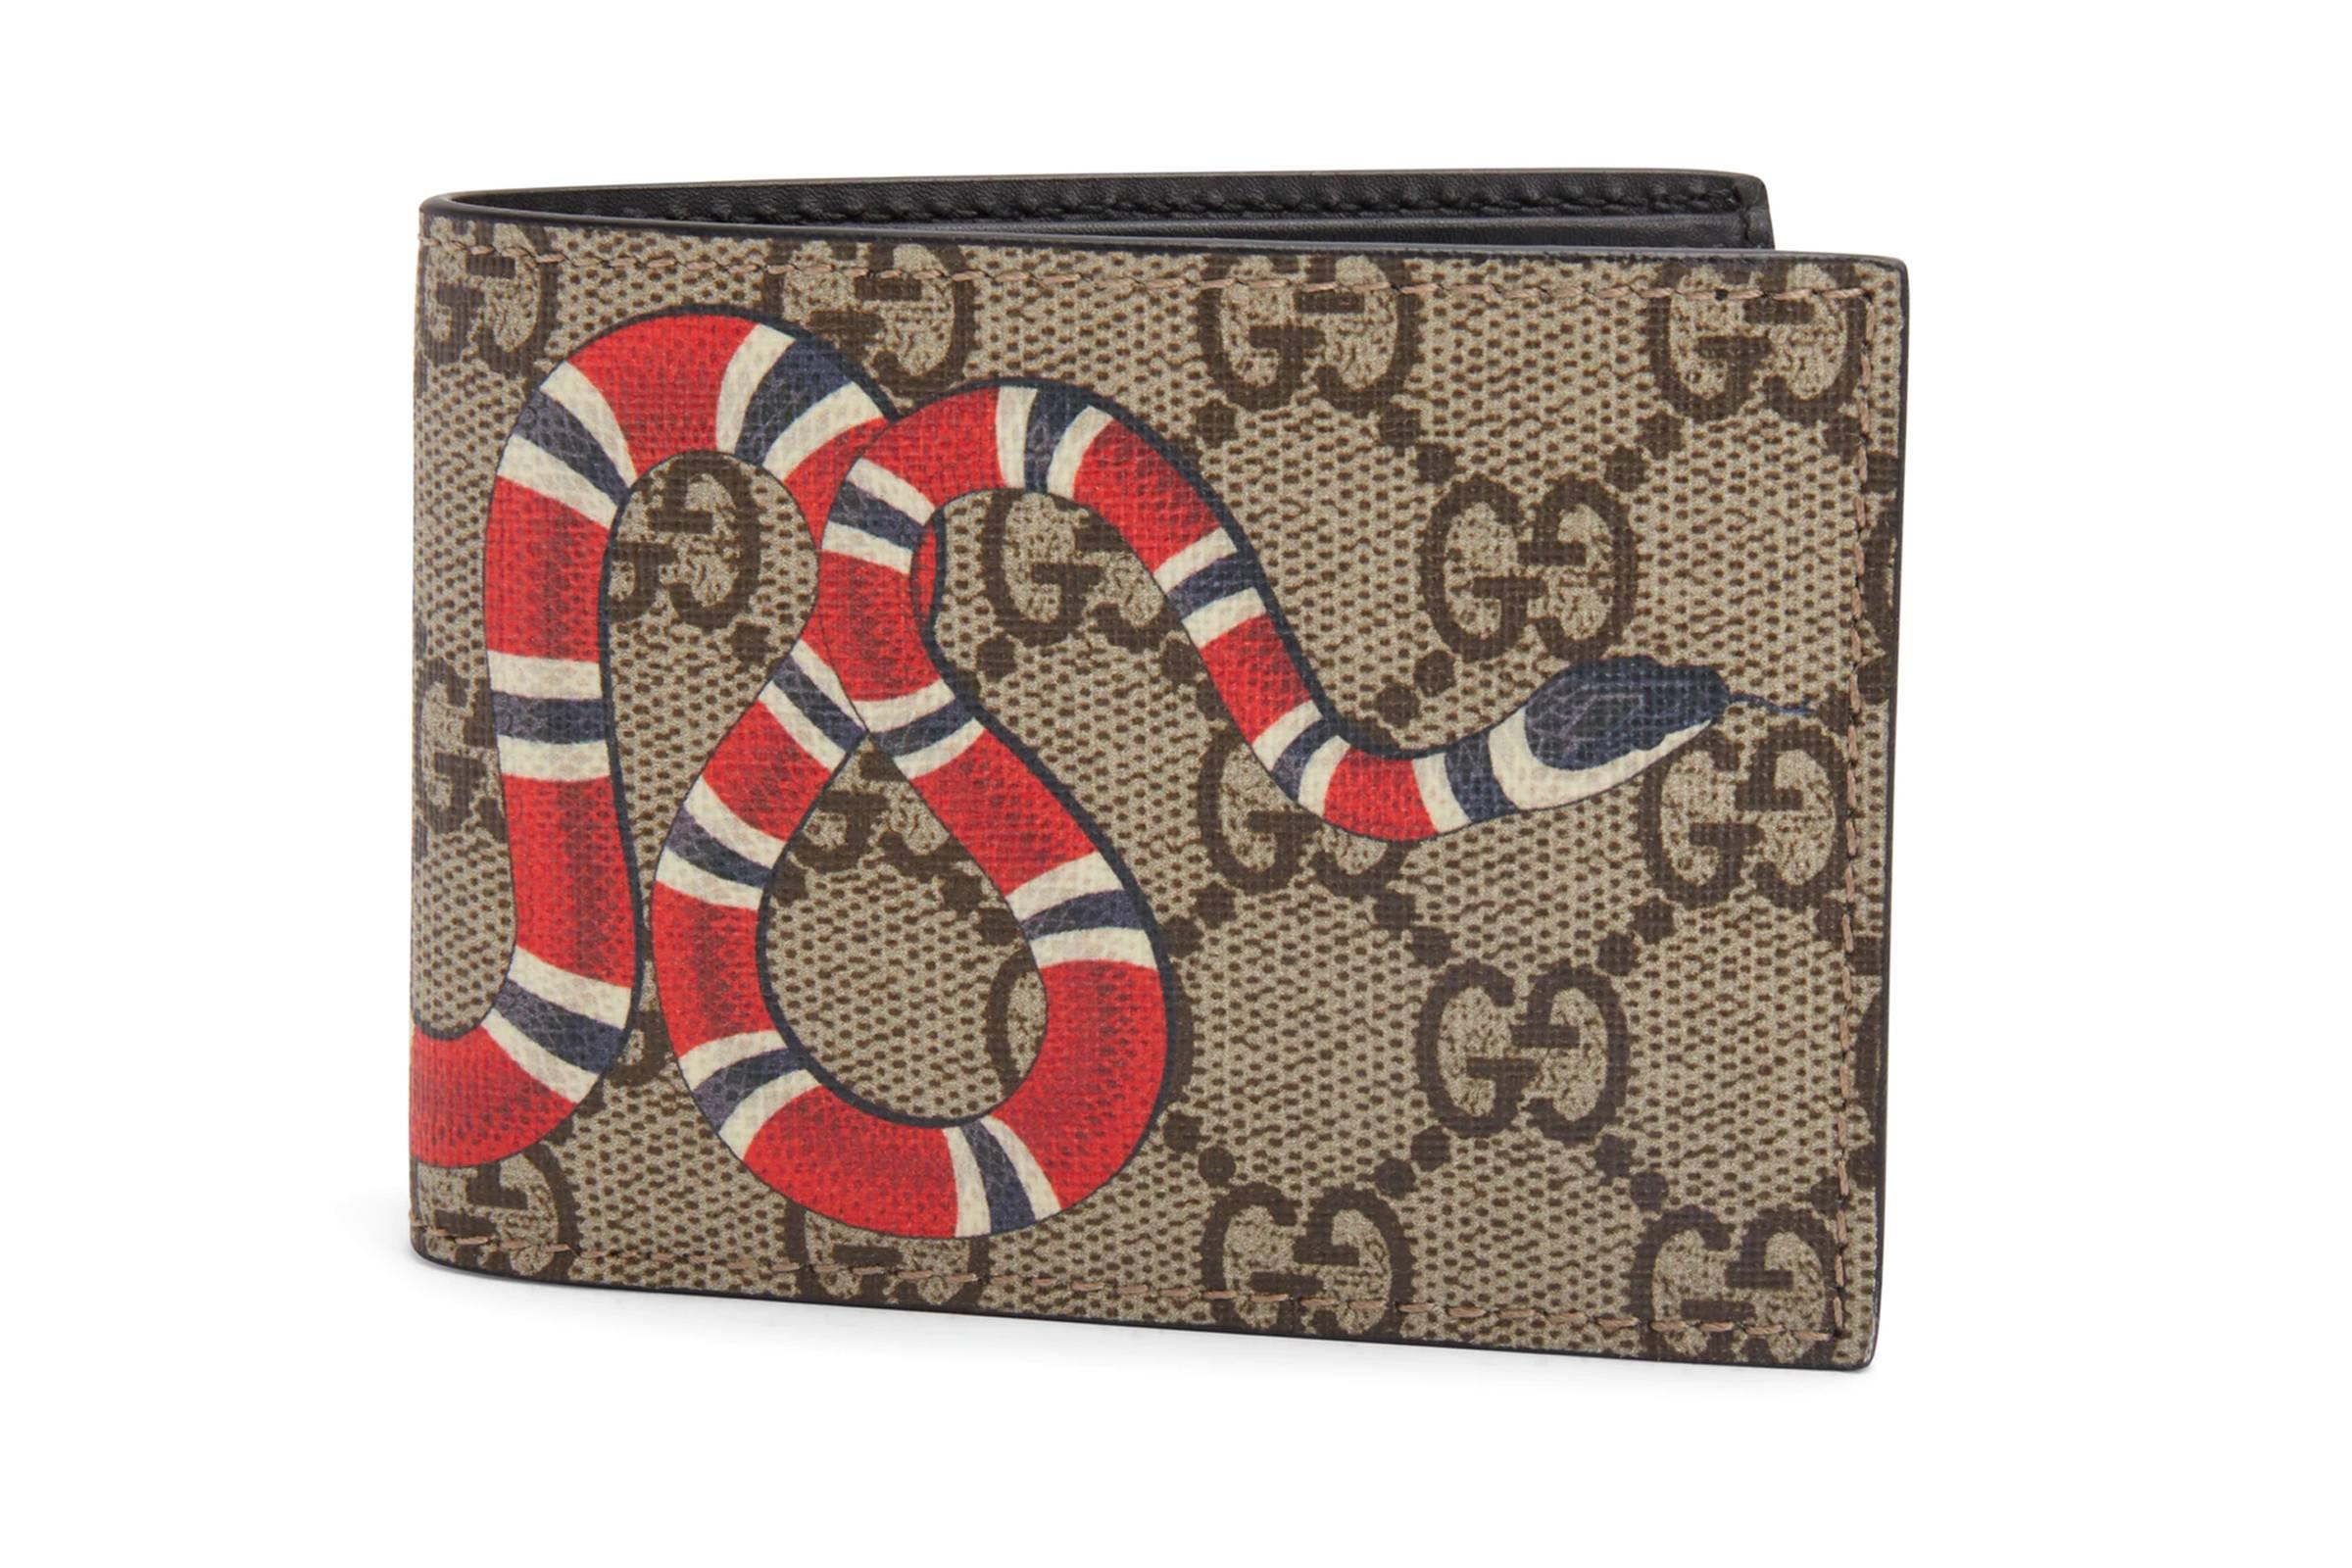 Gucci Kingsnake Supreme Wallet